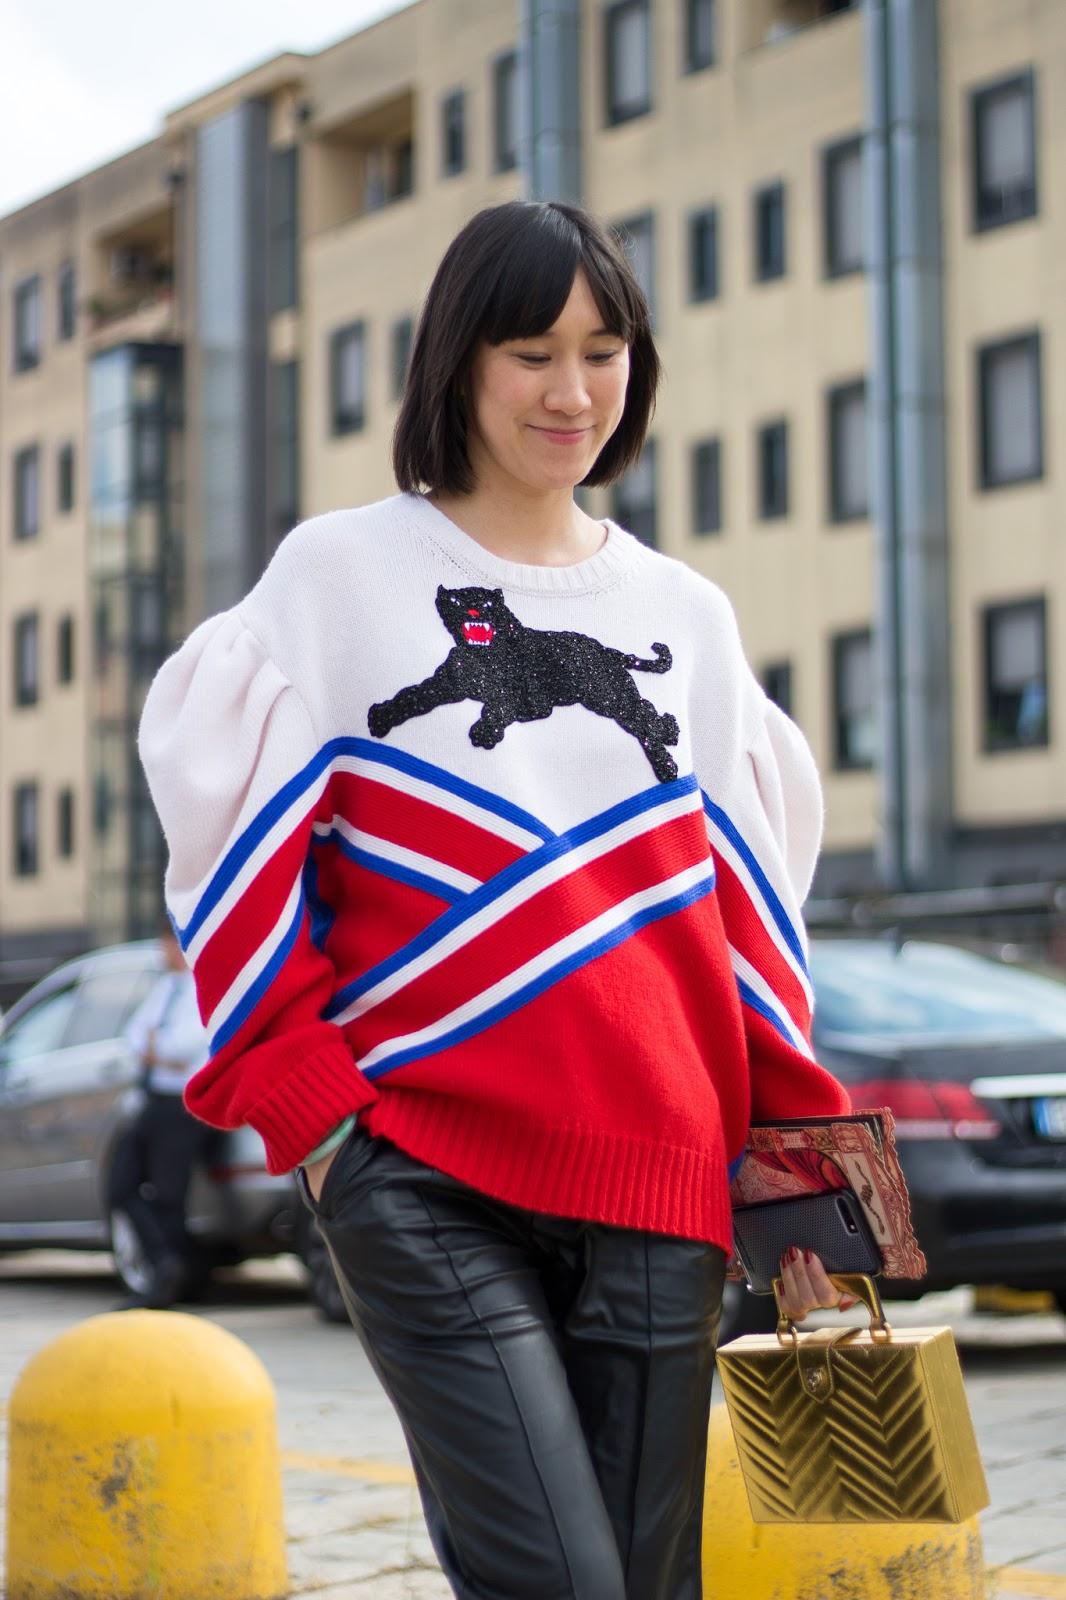 Street Fashion, Street Style, streetstyle milan,